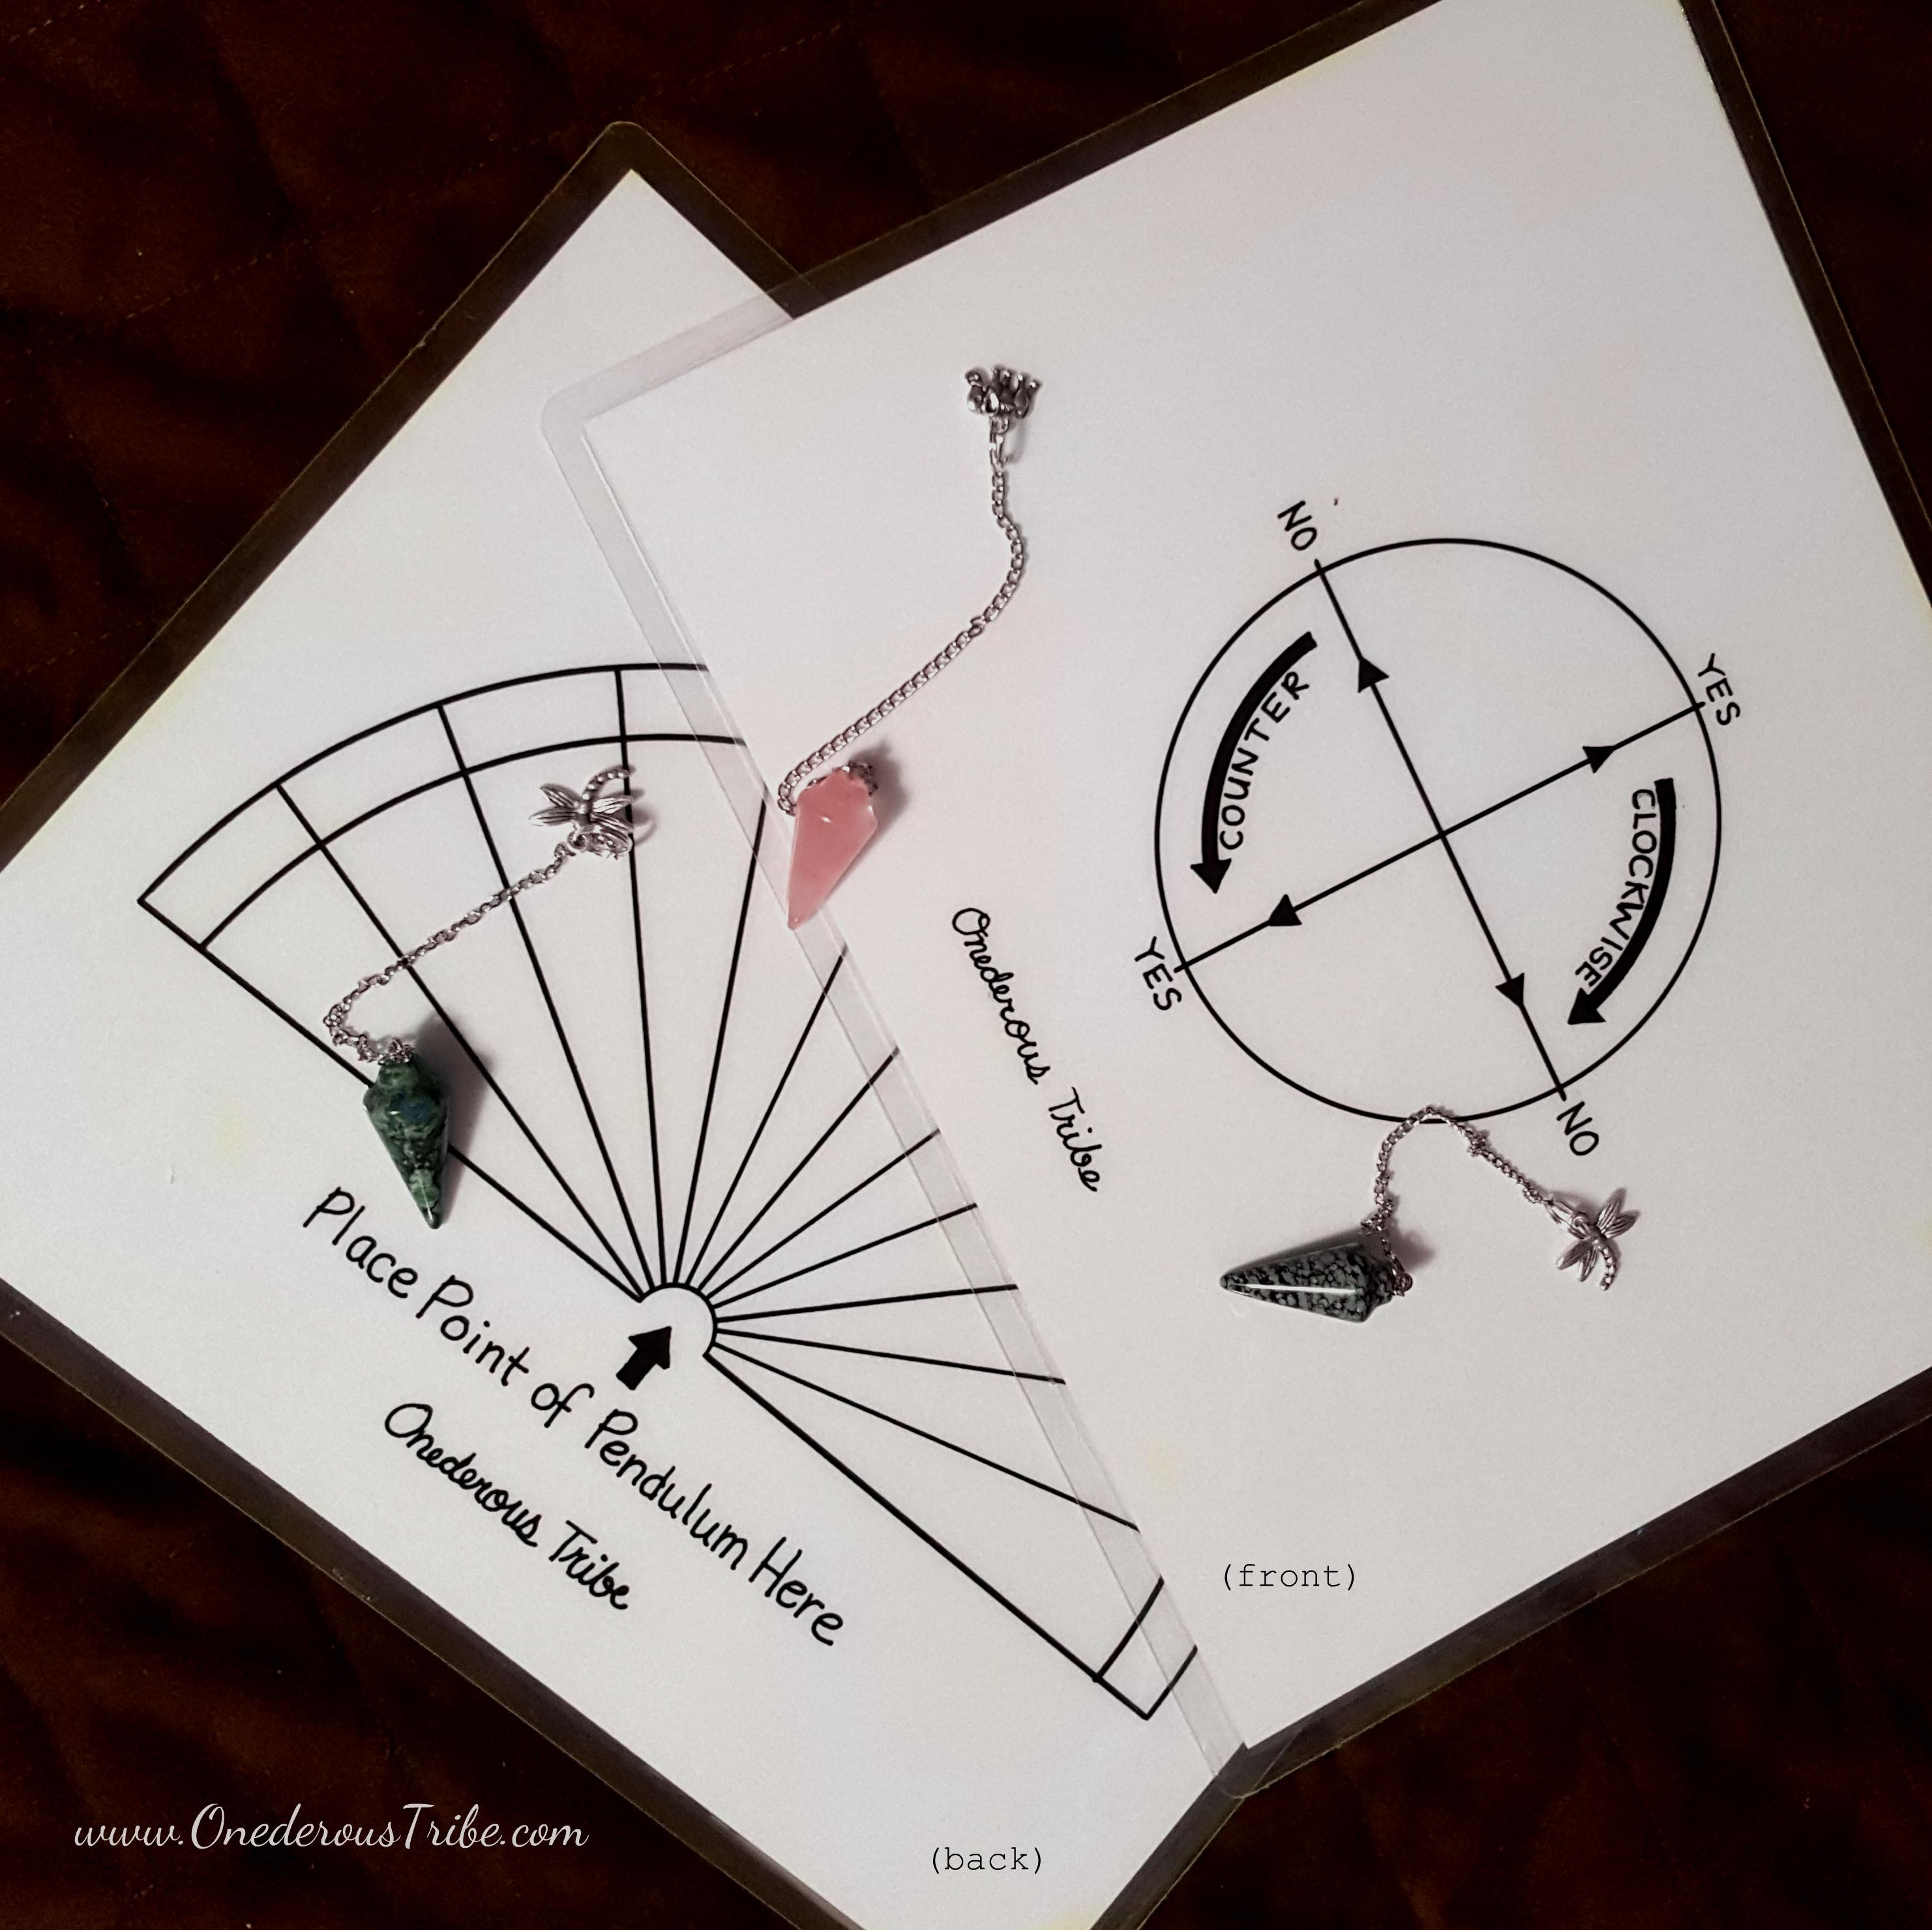 Laminated Pendulum Chart and Pendulum Image